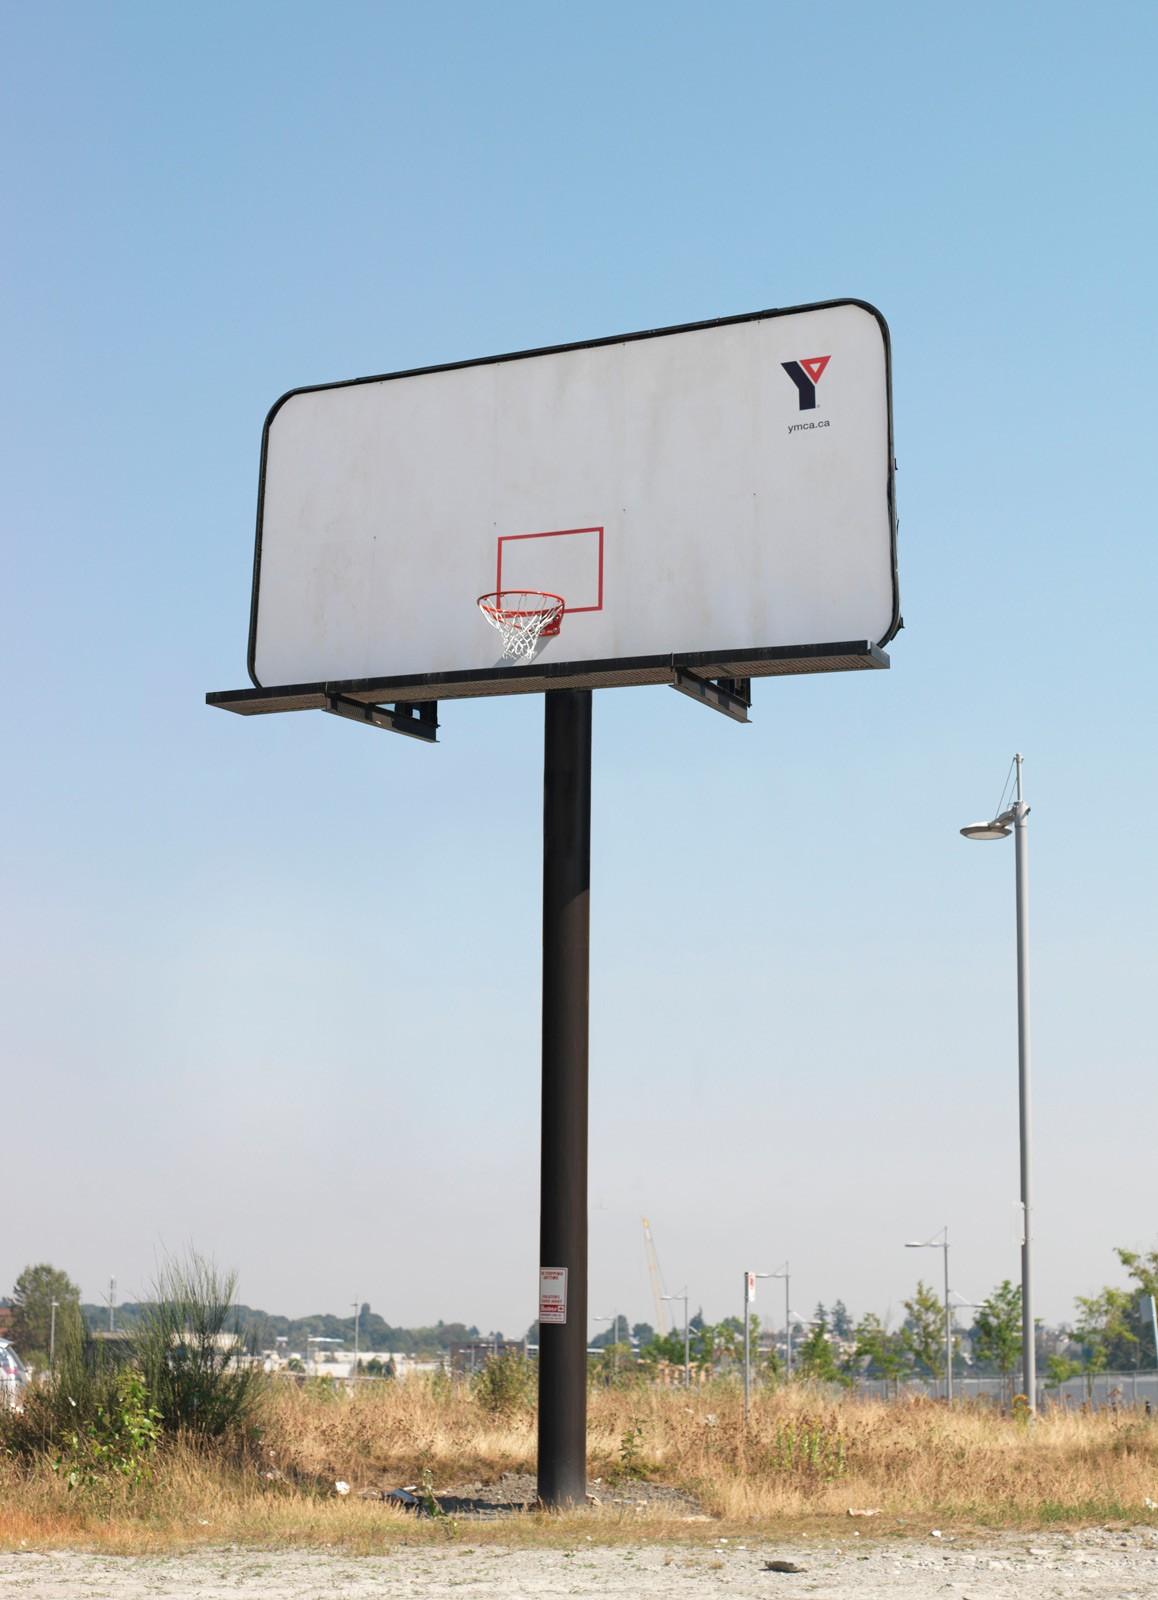 ymca_billboard.jpg